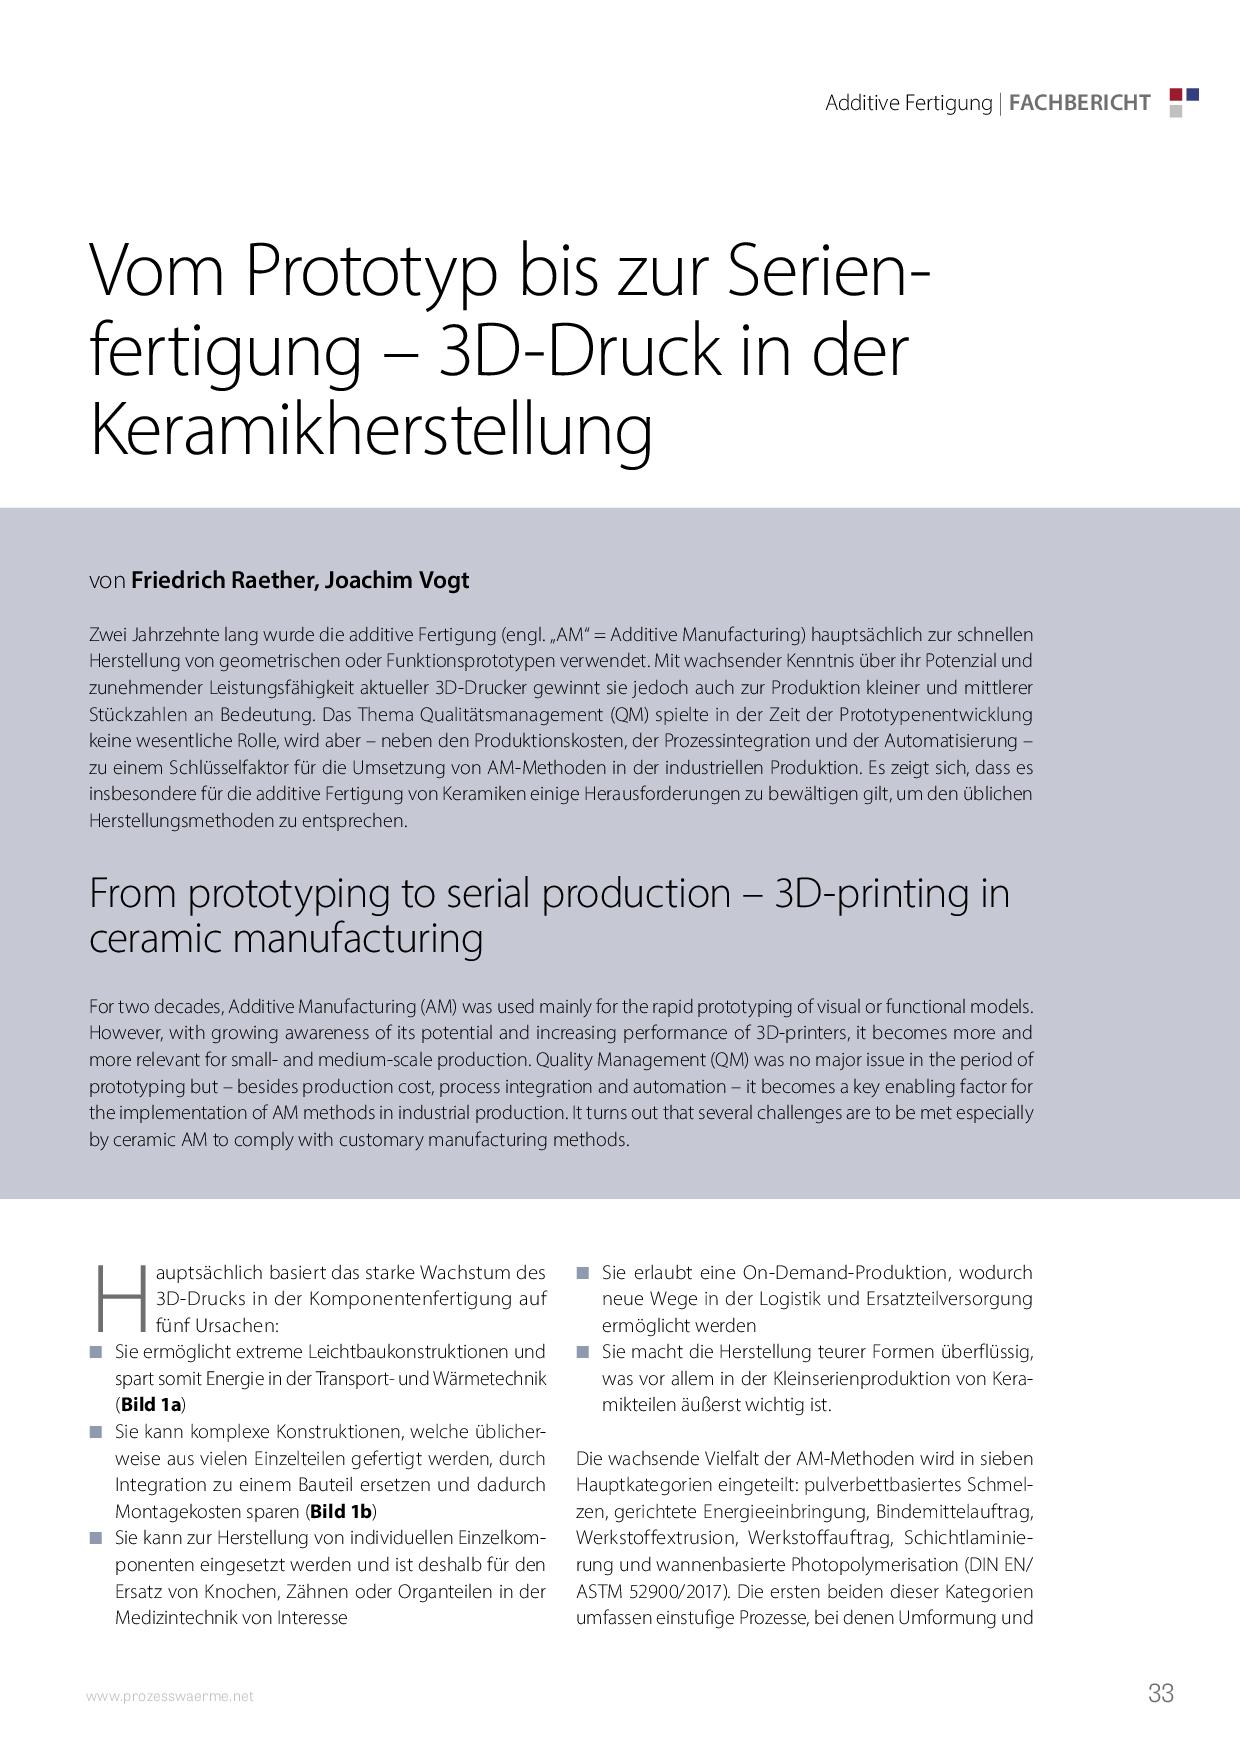 Vom Prototyp bis zur Serienfertigung – 3D-Druck in der Keramikherstellung